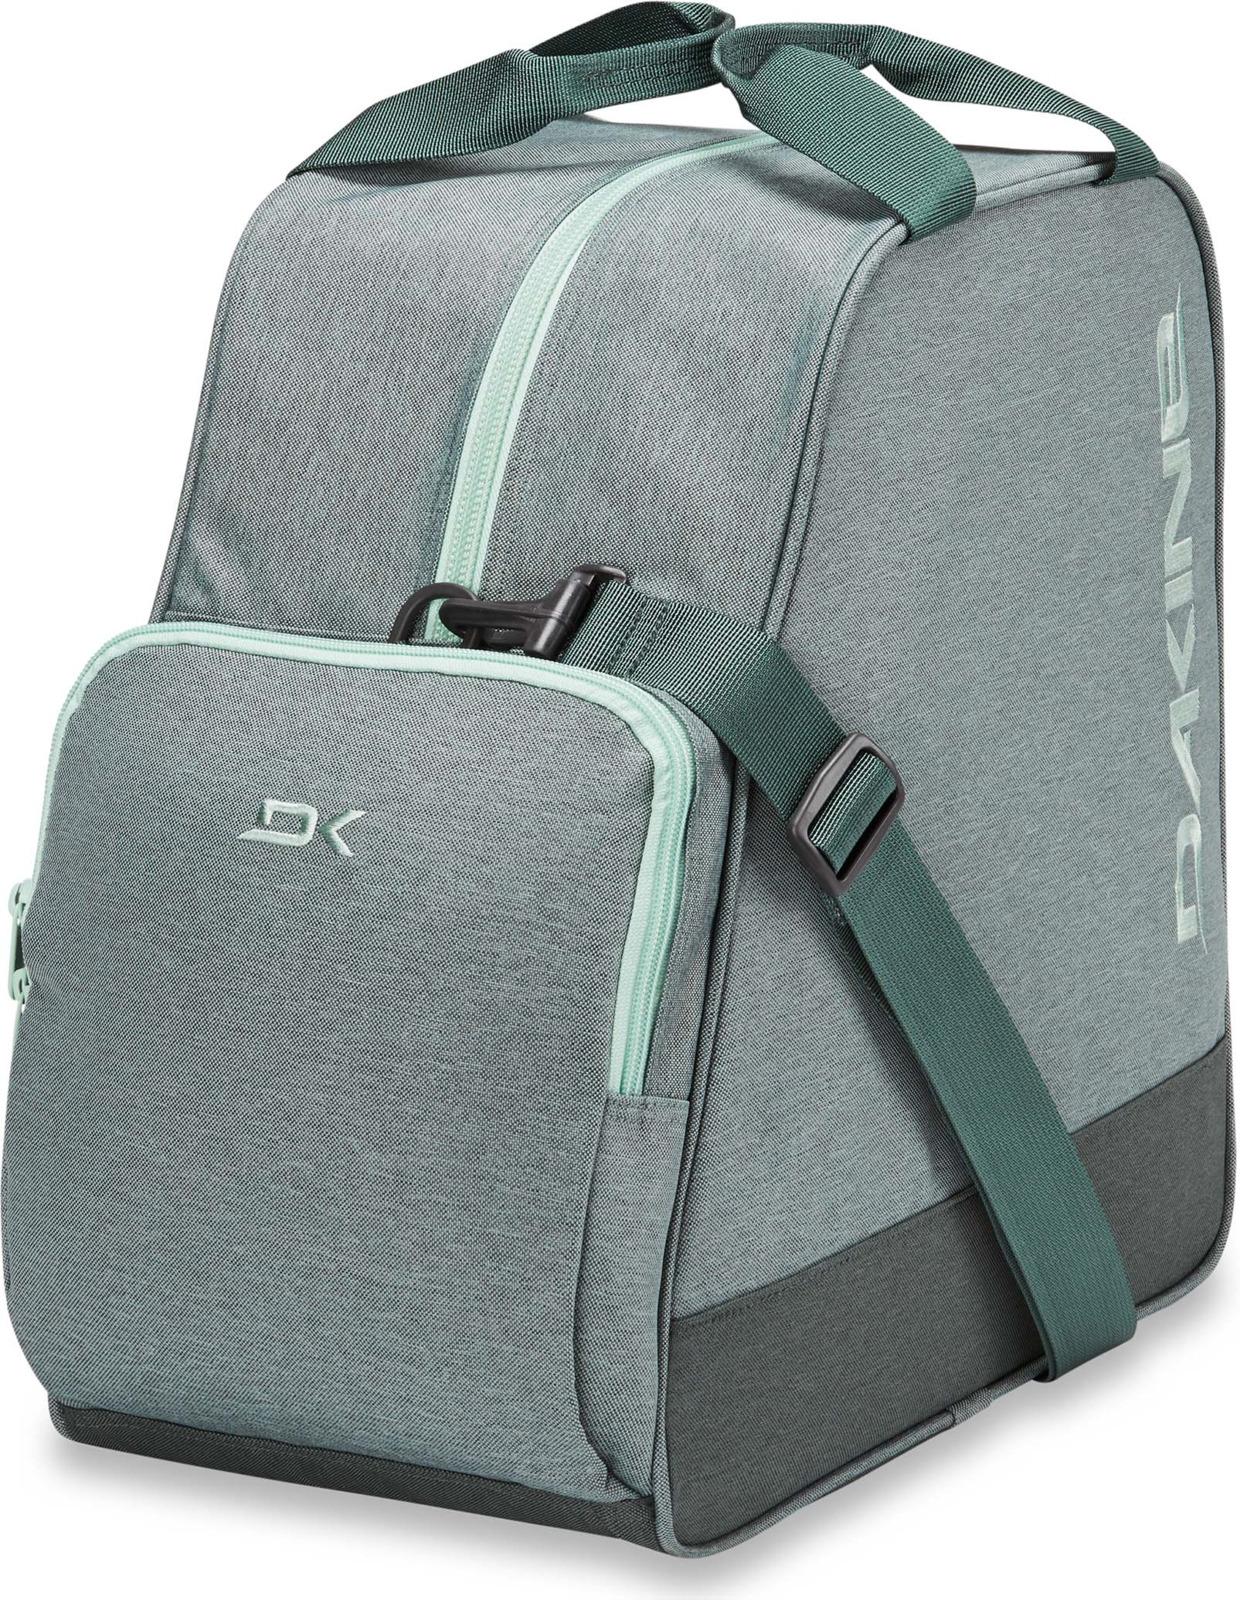 Сумка спортивная Dakine Boot Bag, цвет: бирюзовый, 30 л